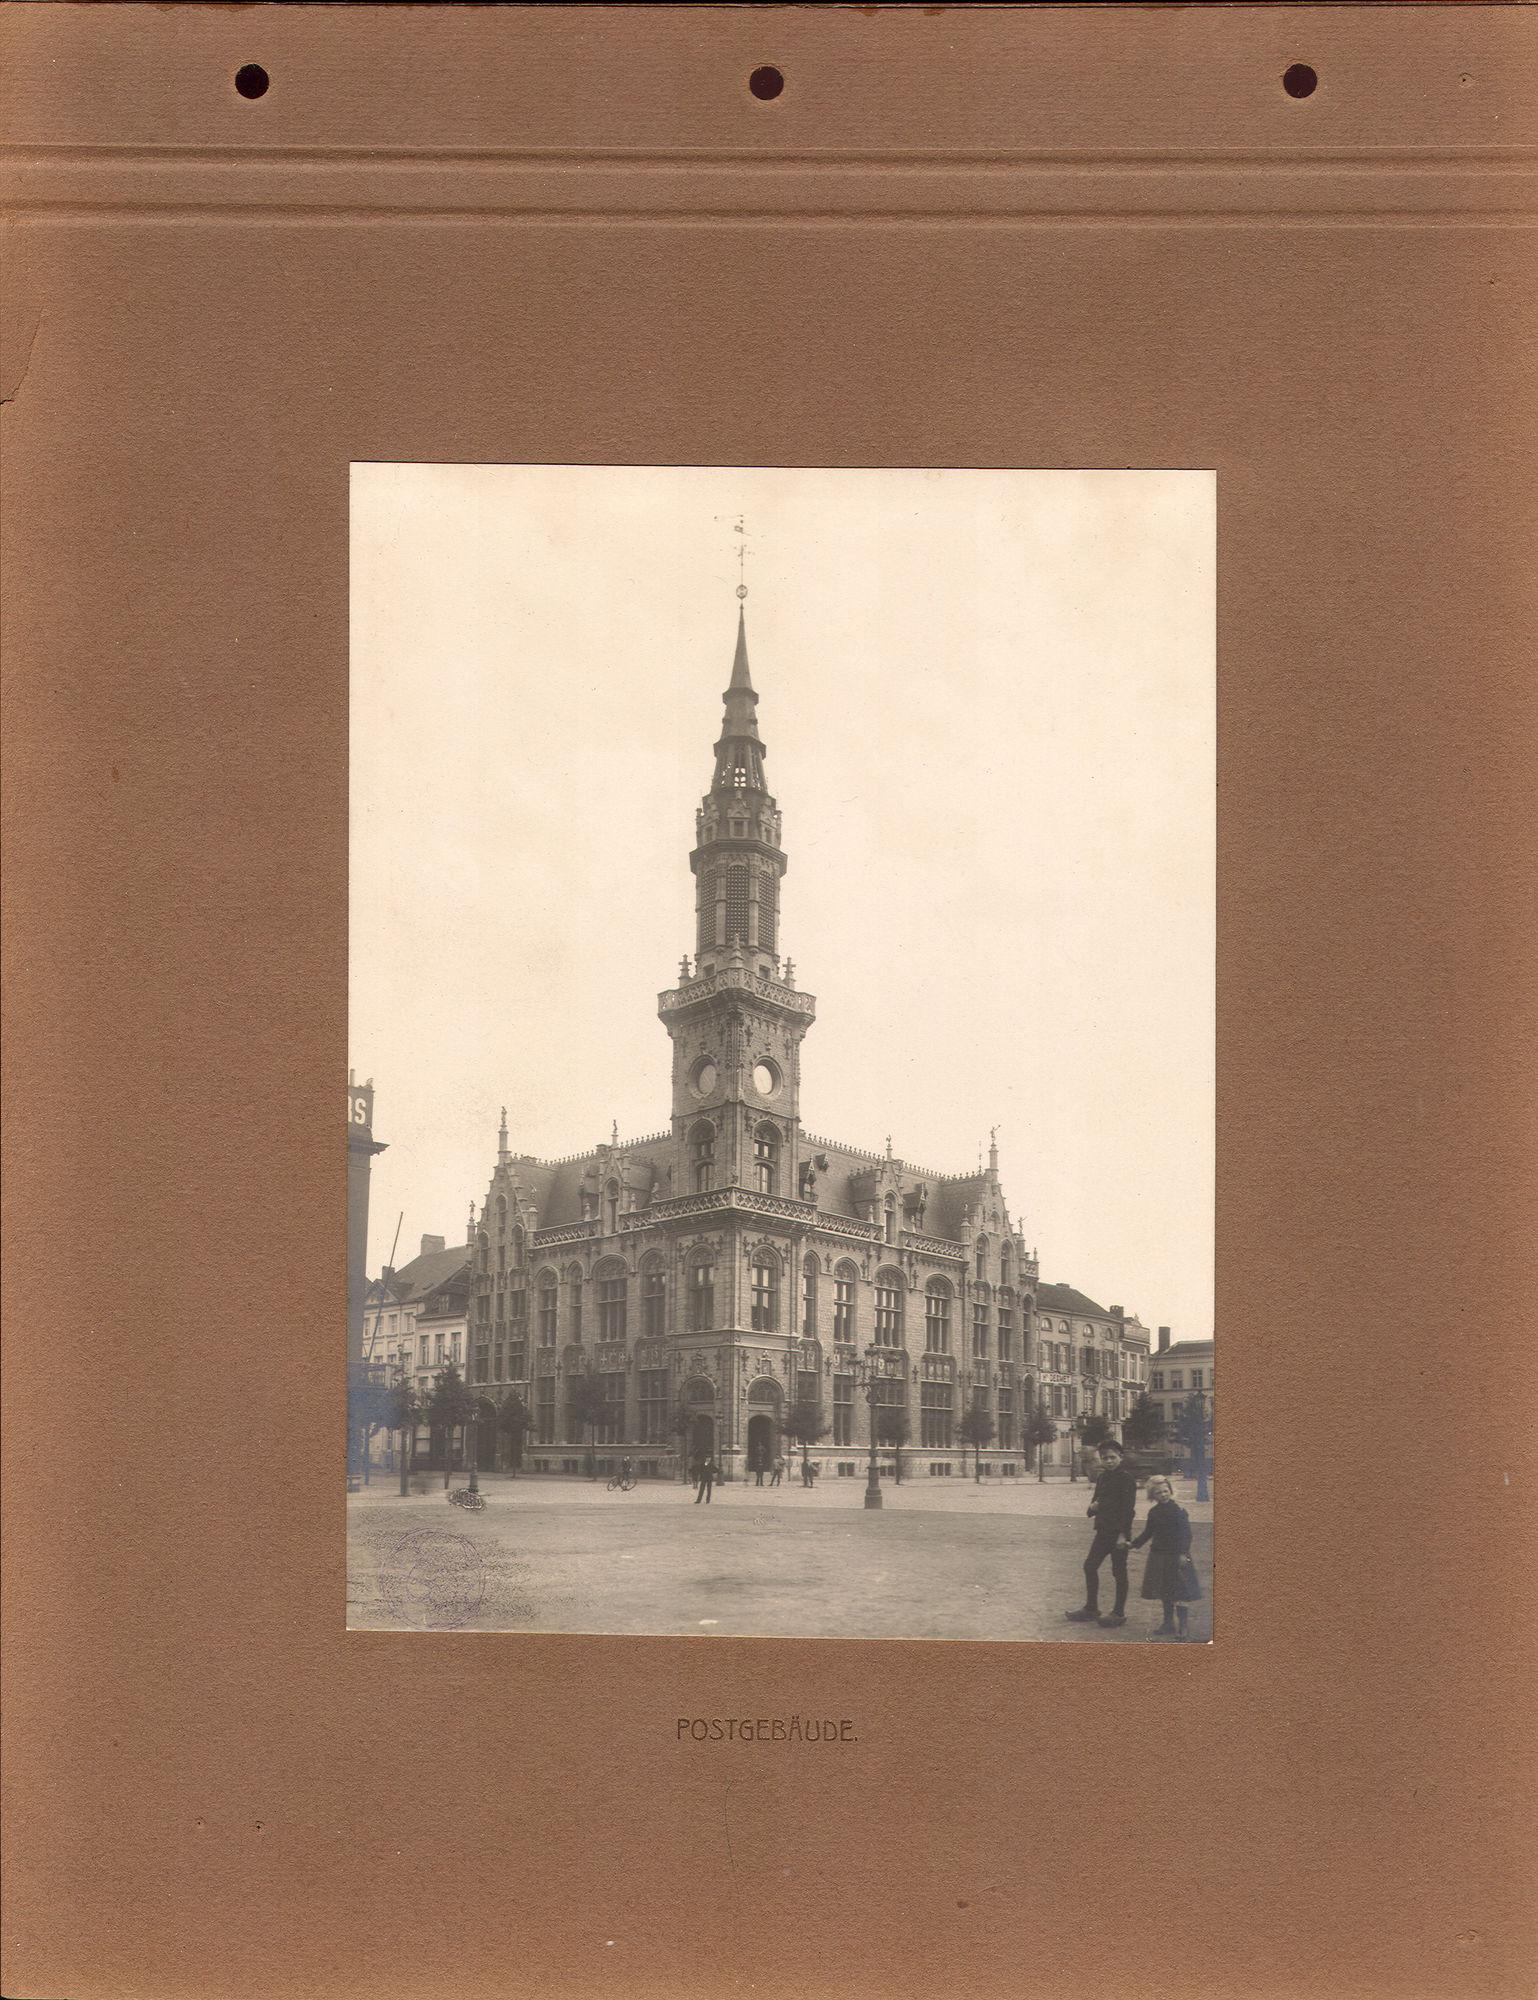 Postgebouw in 1916